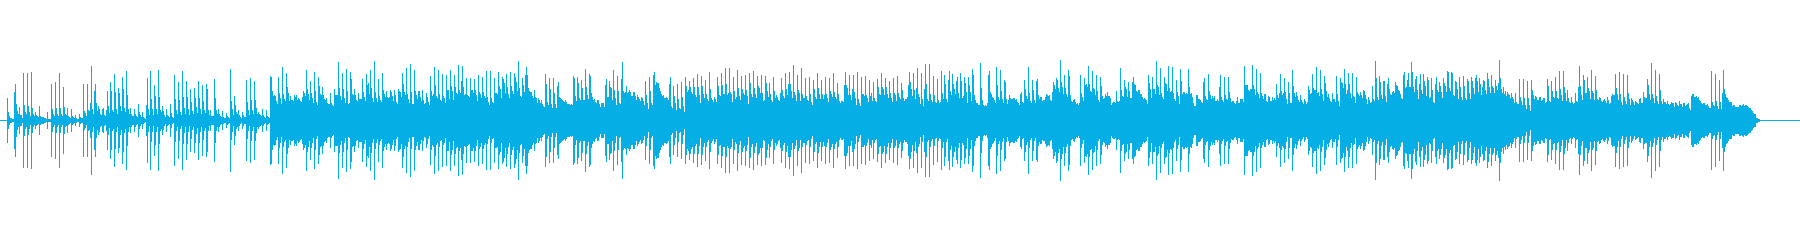 別れの曲-ショパン-のオルゴールの再生済みの波形